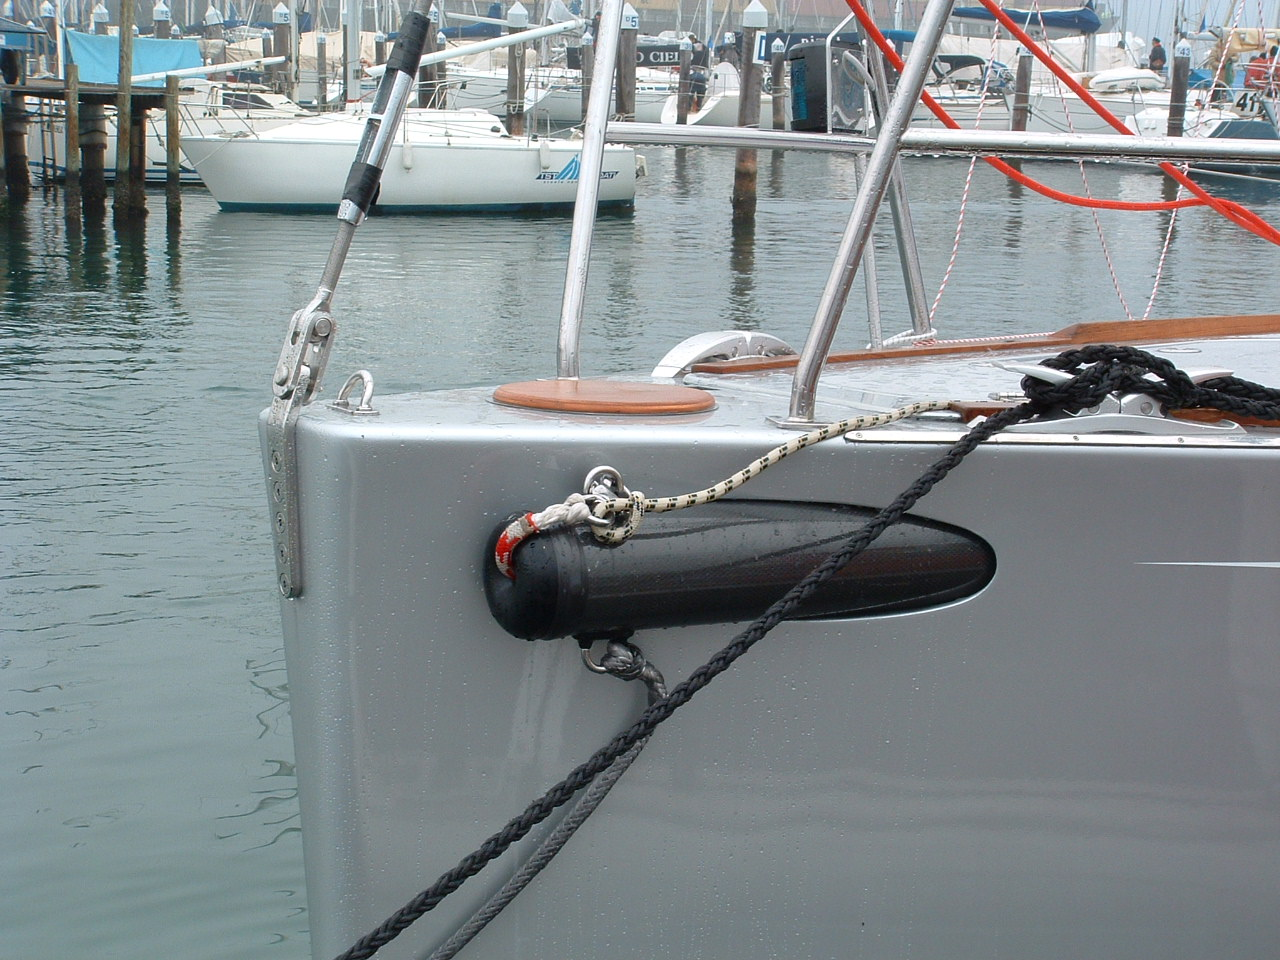 Sly yacht - Sly 42 bompresso